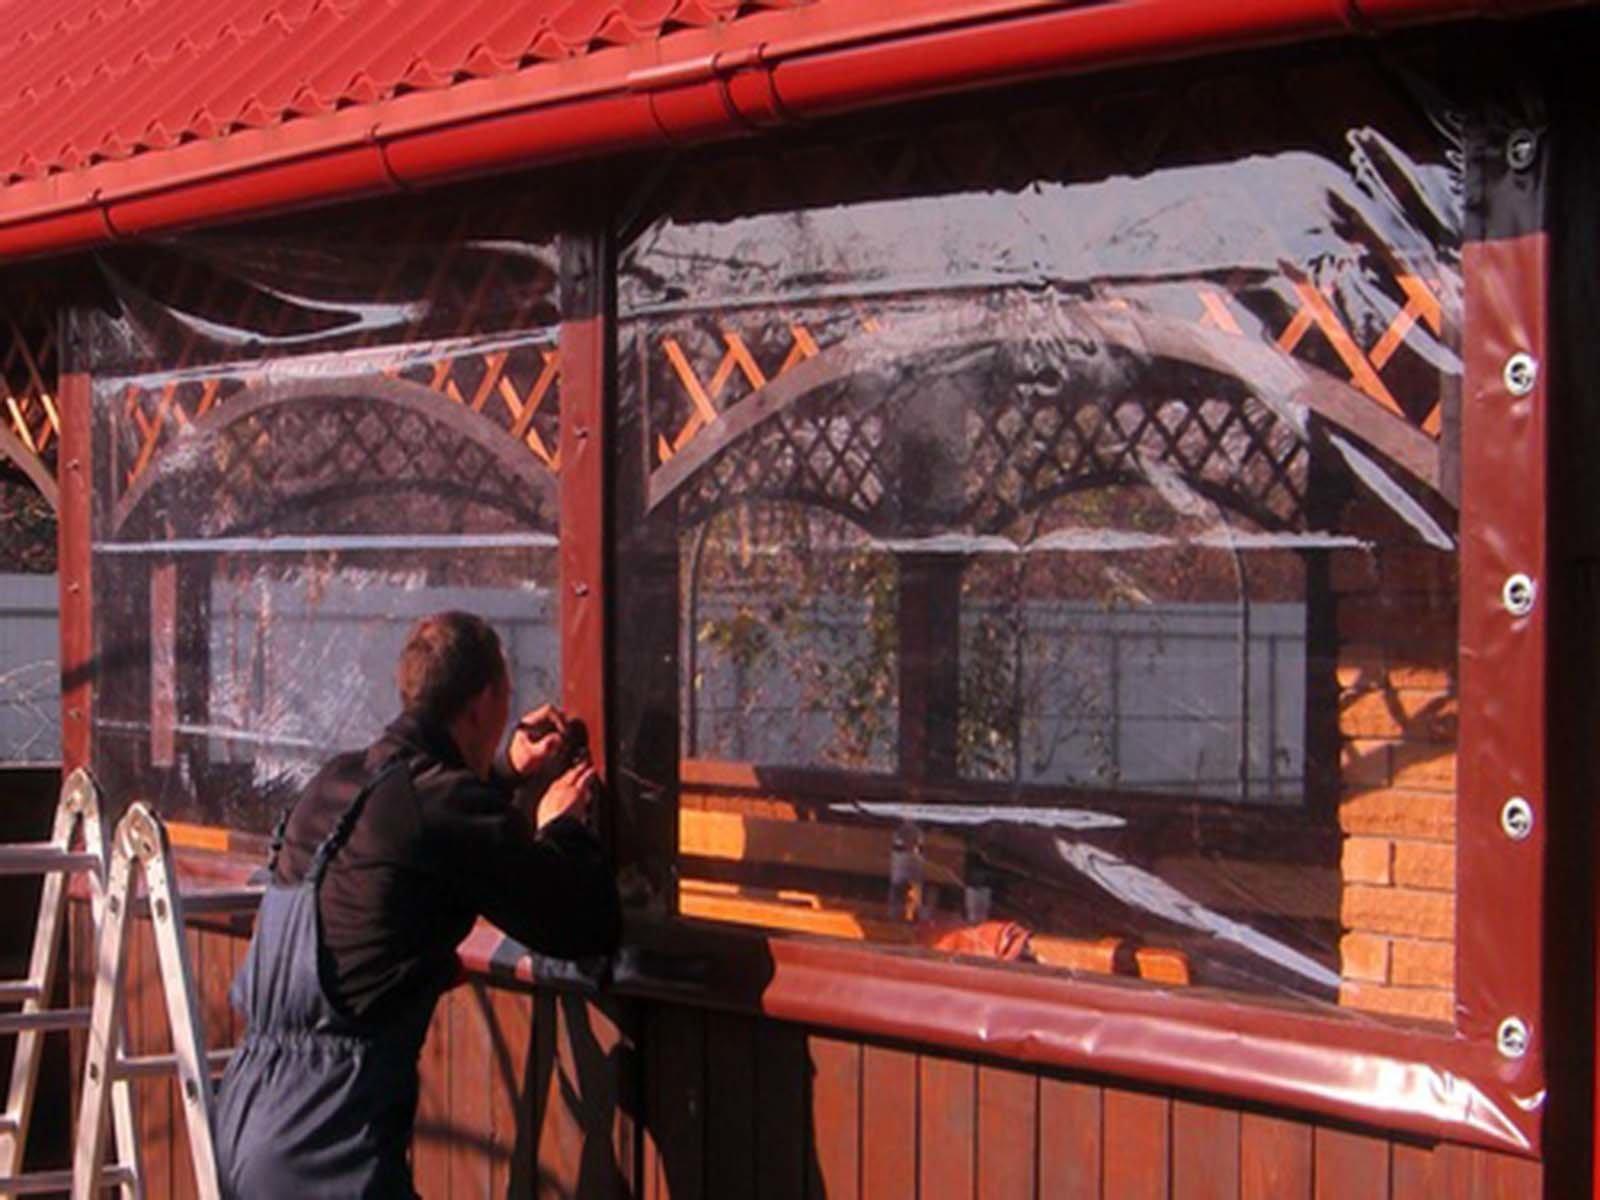 Размечаем места, где будем крепить фурнитуру на гибкие окна